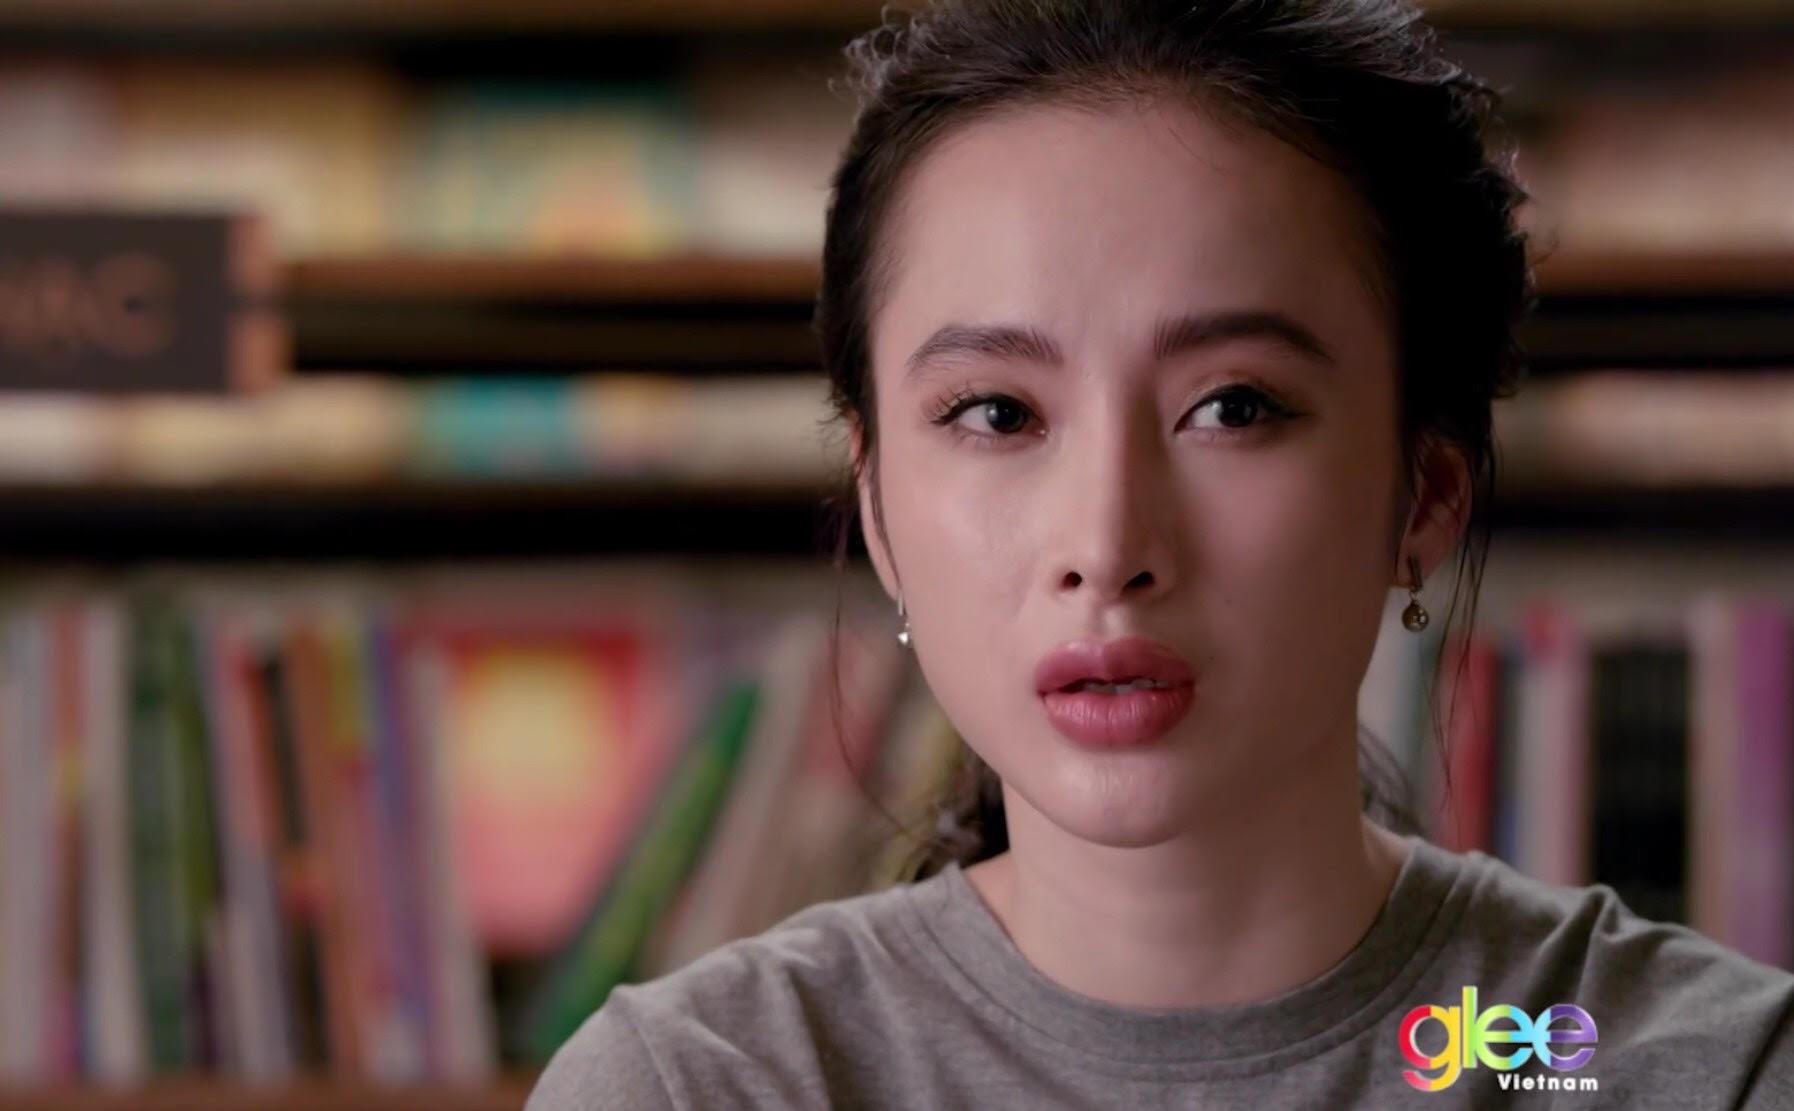 Glee Việt tập áp cuối: Để ủng hộ tinh thần Angela, toàn bộ nữ sinh của Glee đồng loạt mang bầu! - Ảnh 7.